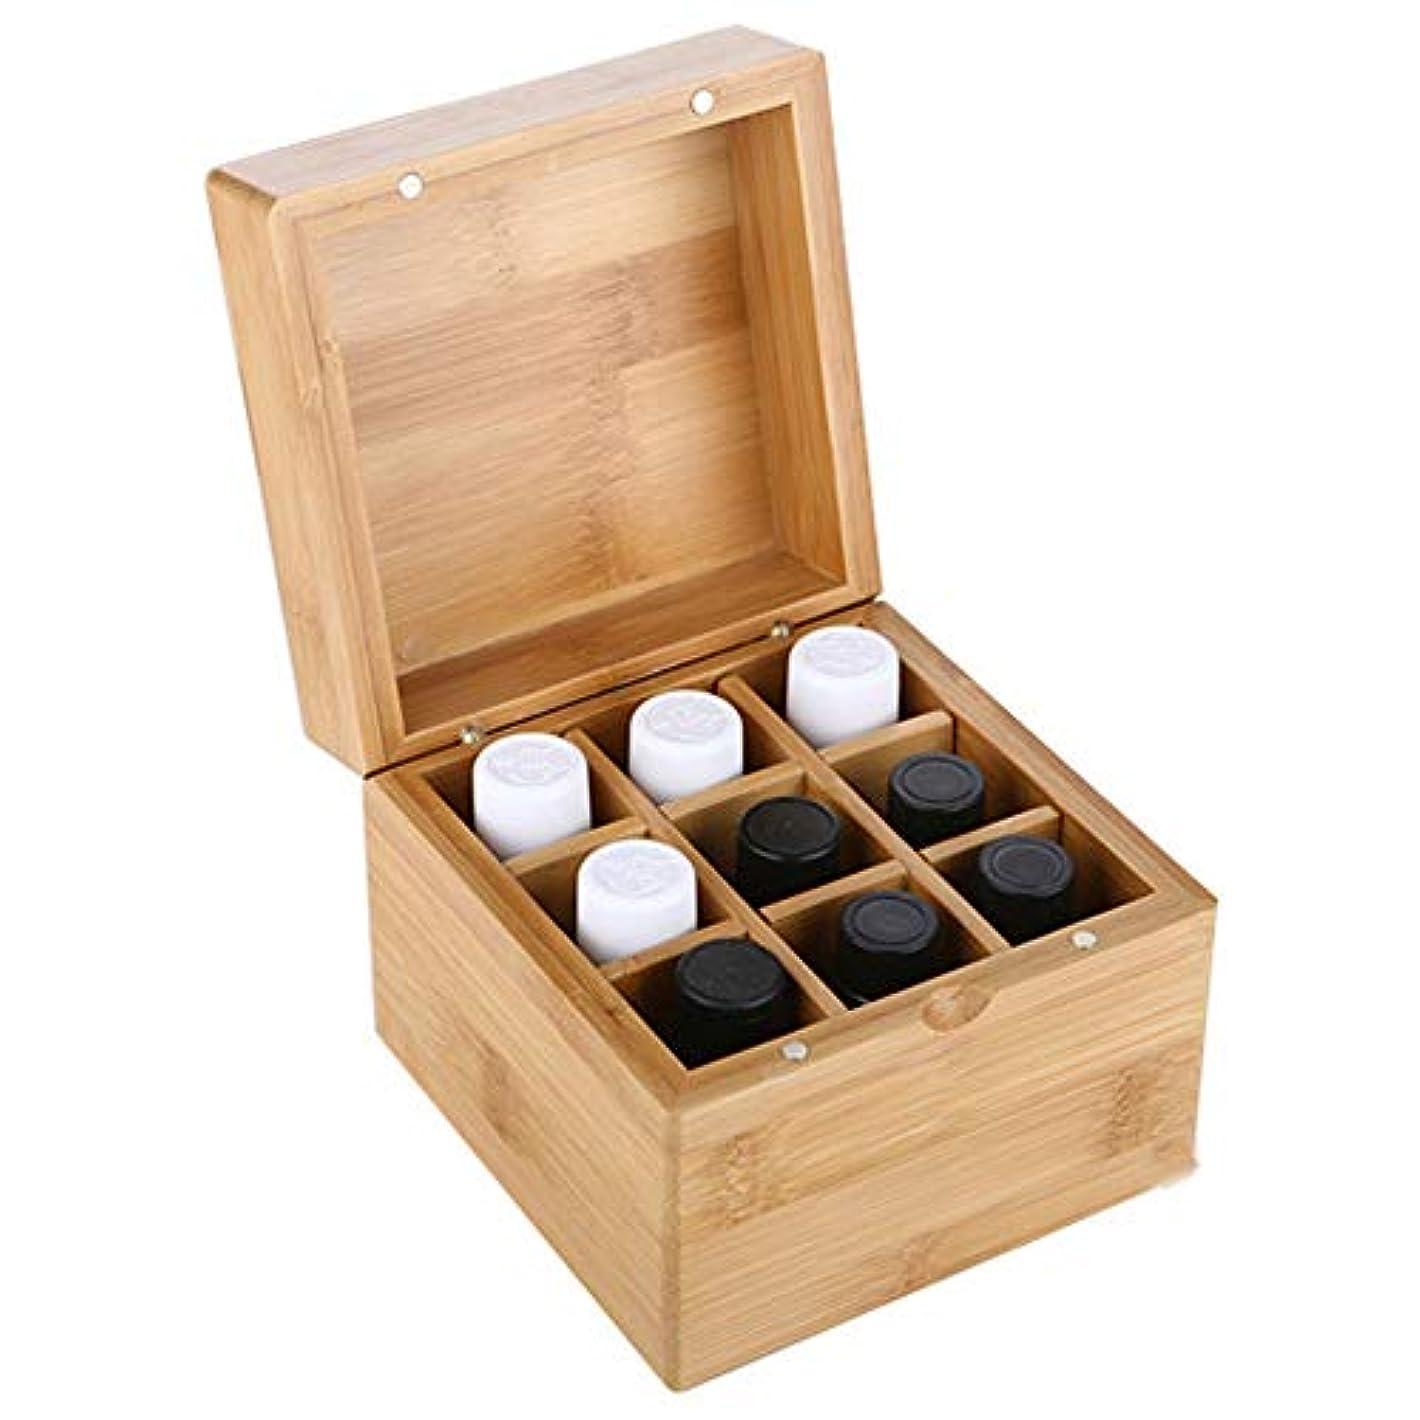 乳白口実療法エッセンシャルオイルストレージボックス 9スロットエッセンシャルオイルボックス木製収納ケースは、あなたの油安全保護さを保つ保護します 旅行およびプレゼンテーション用 (色 : Natural, サイズ : 11.5X11.5X8.3CM)